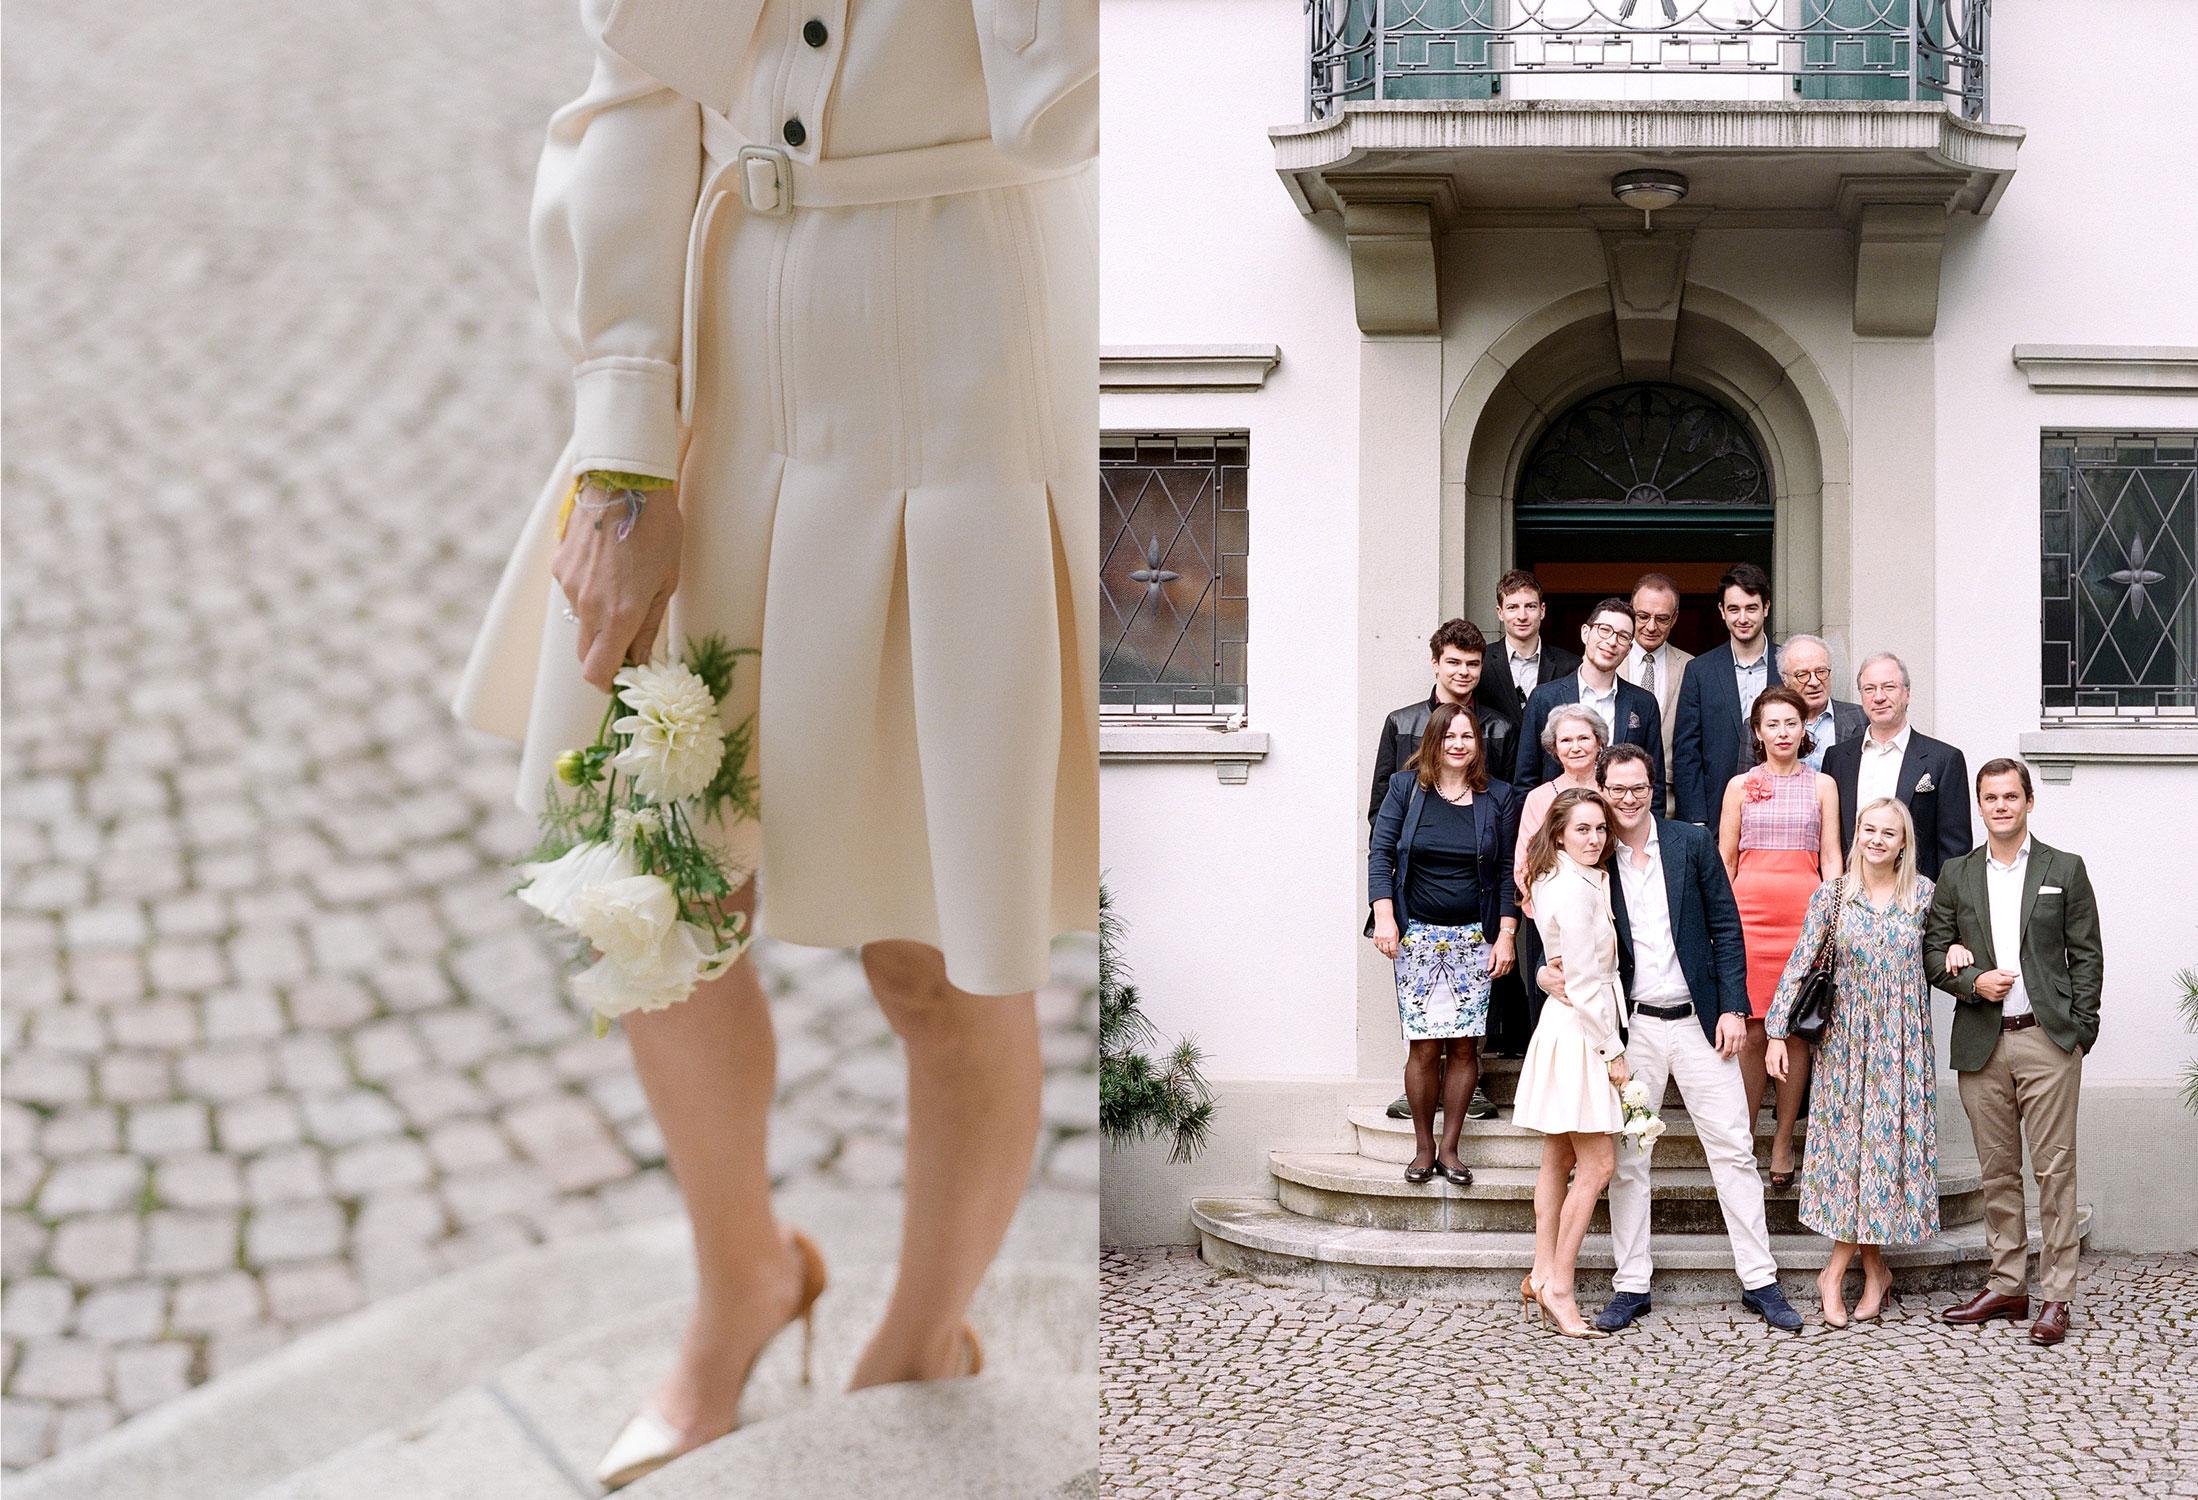 wedding_villa_meier_severini_011.jpg